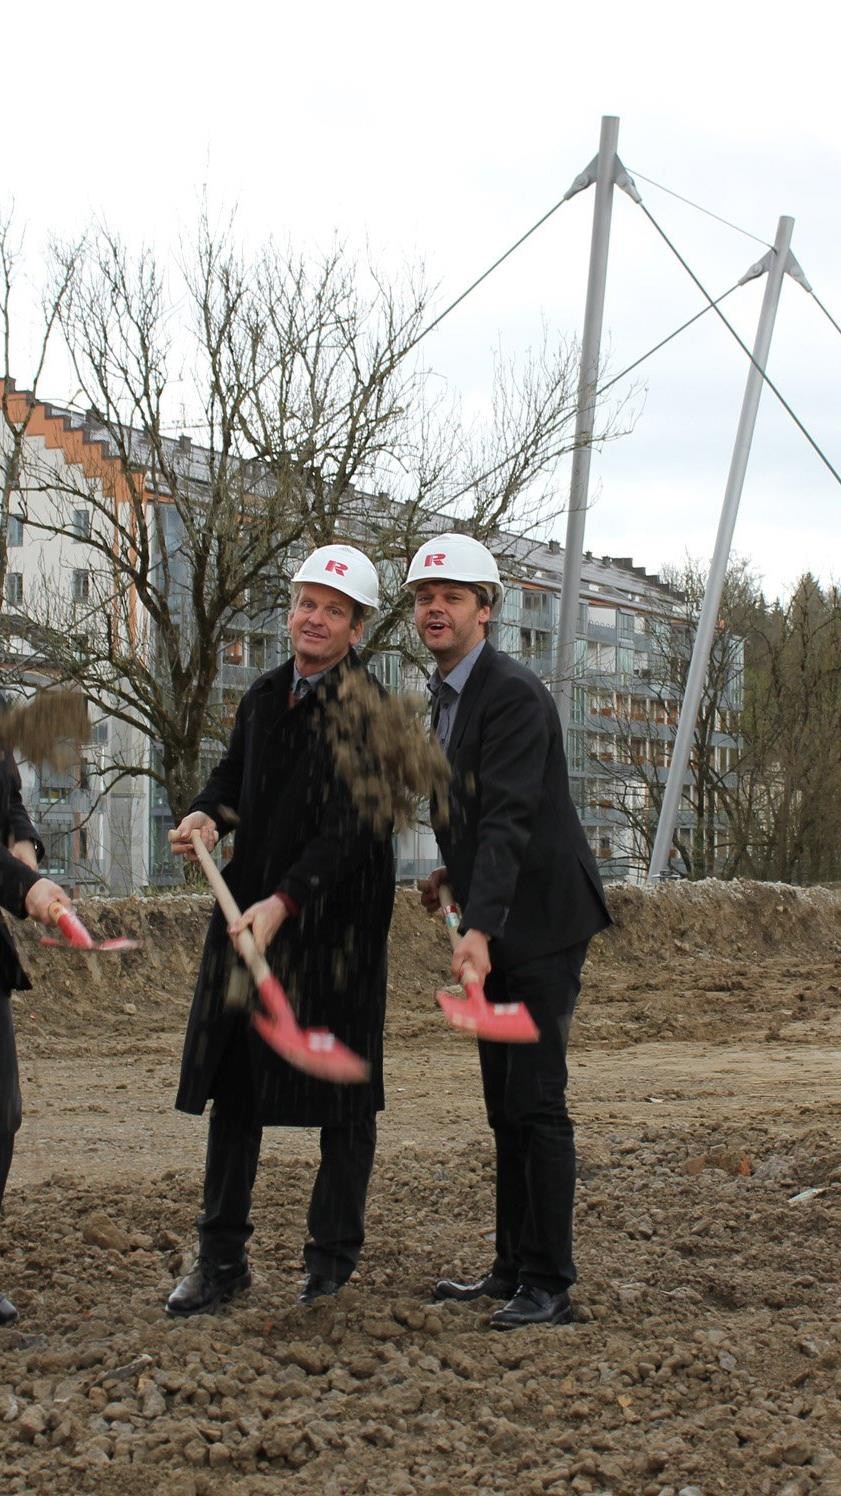 Beim Spatenstich: Tobias Kiechle, Rhomberg Bau, Tim Oliver Koemstedt, Stadt Kempten, Architekt Hermann Hagspiel und Joachim Nägele, Rhomberg Bau (v.l.n.r.)